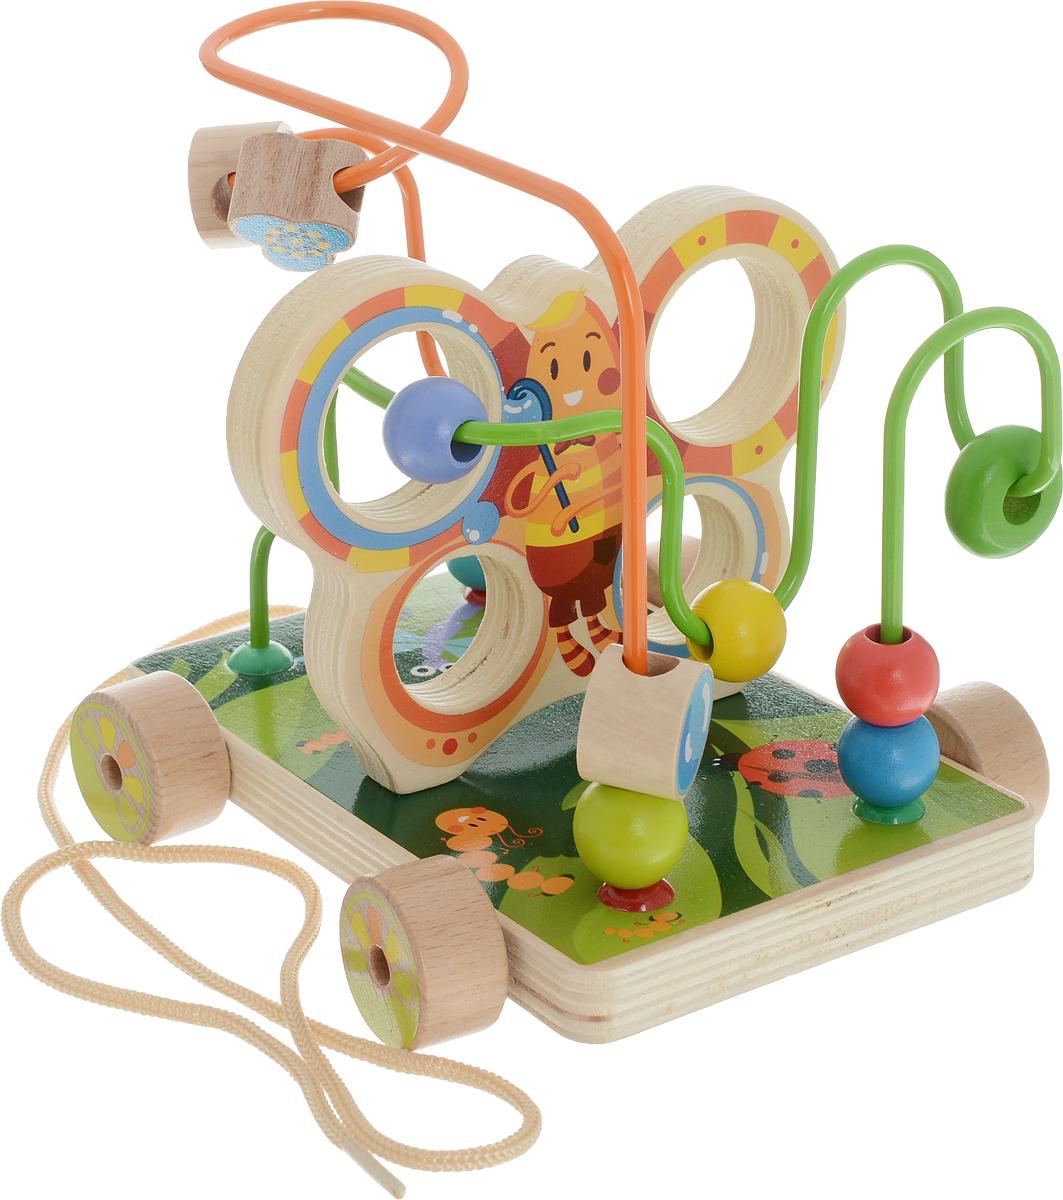 Мир деревянных игрушек Лабиринт-каталка Бабочка набор для развития моторики мир деревянных игрушек д189